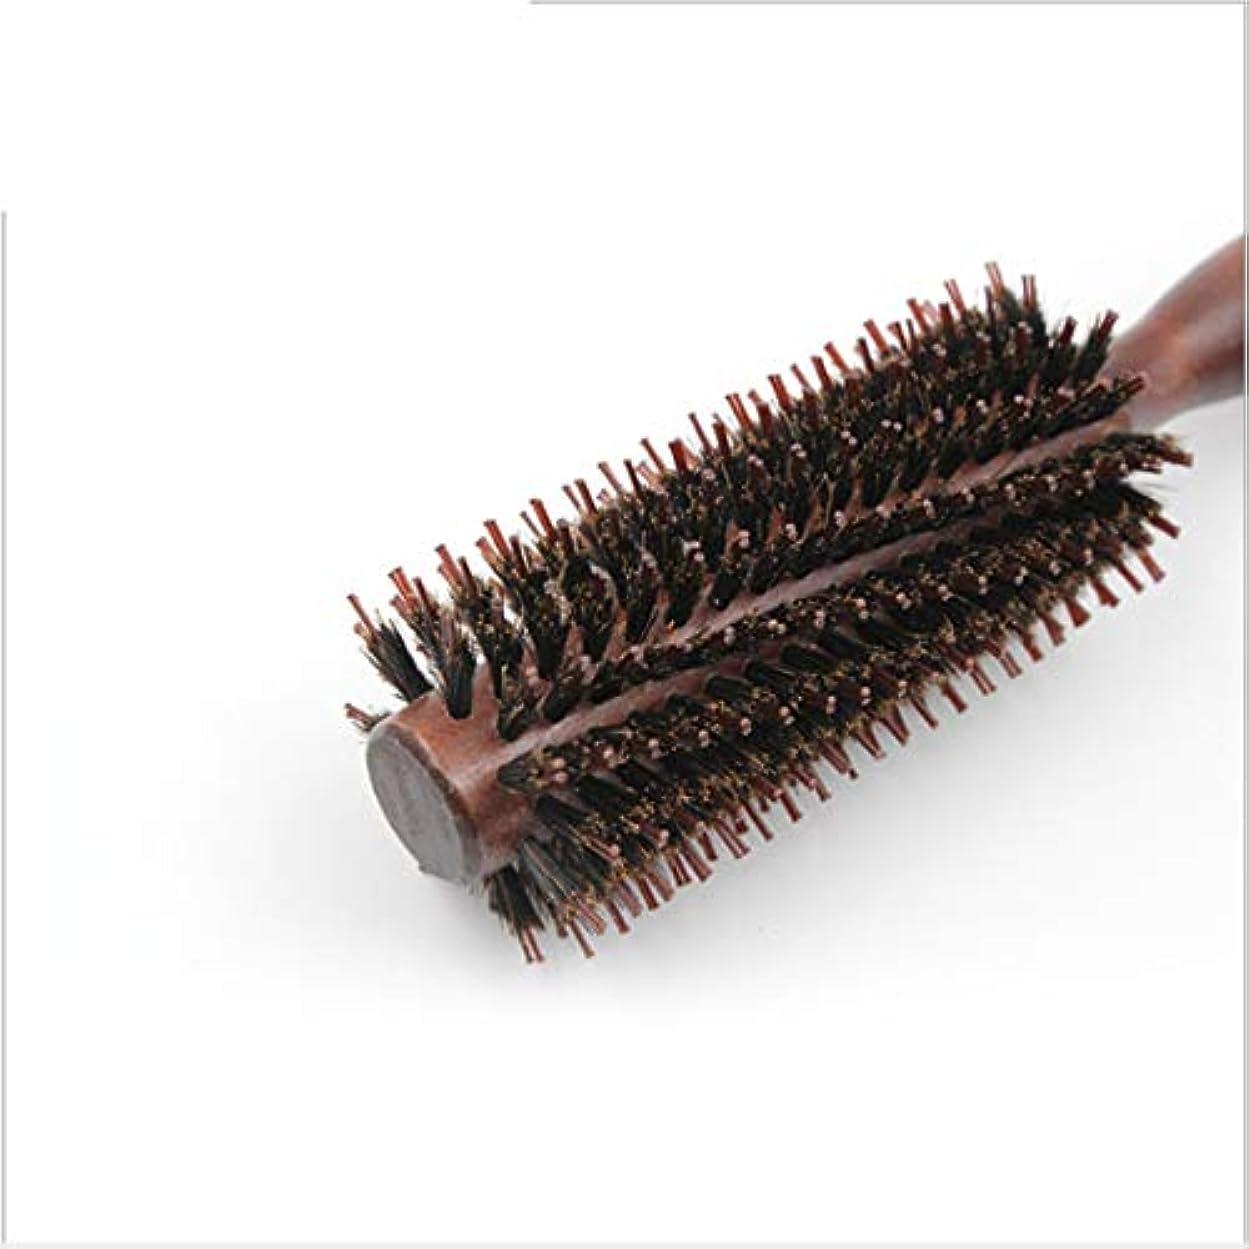 コークスさせる最も23センチメートル長い尖ったハンドルラウンドブラシ、ツイルとストレートコーム - ヘアドライヤーと男性と女性のためのナチュラル木製ハンドルヘアブラシとカール - 乾燥スタイル、巻き毛と乾いた髪 ヘアケア (サイズ : Till-S)